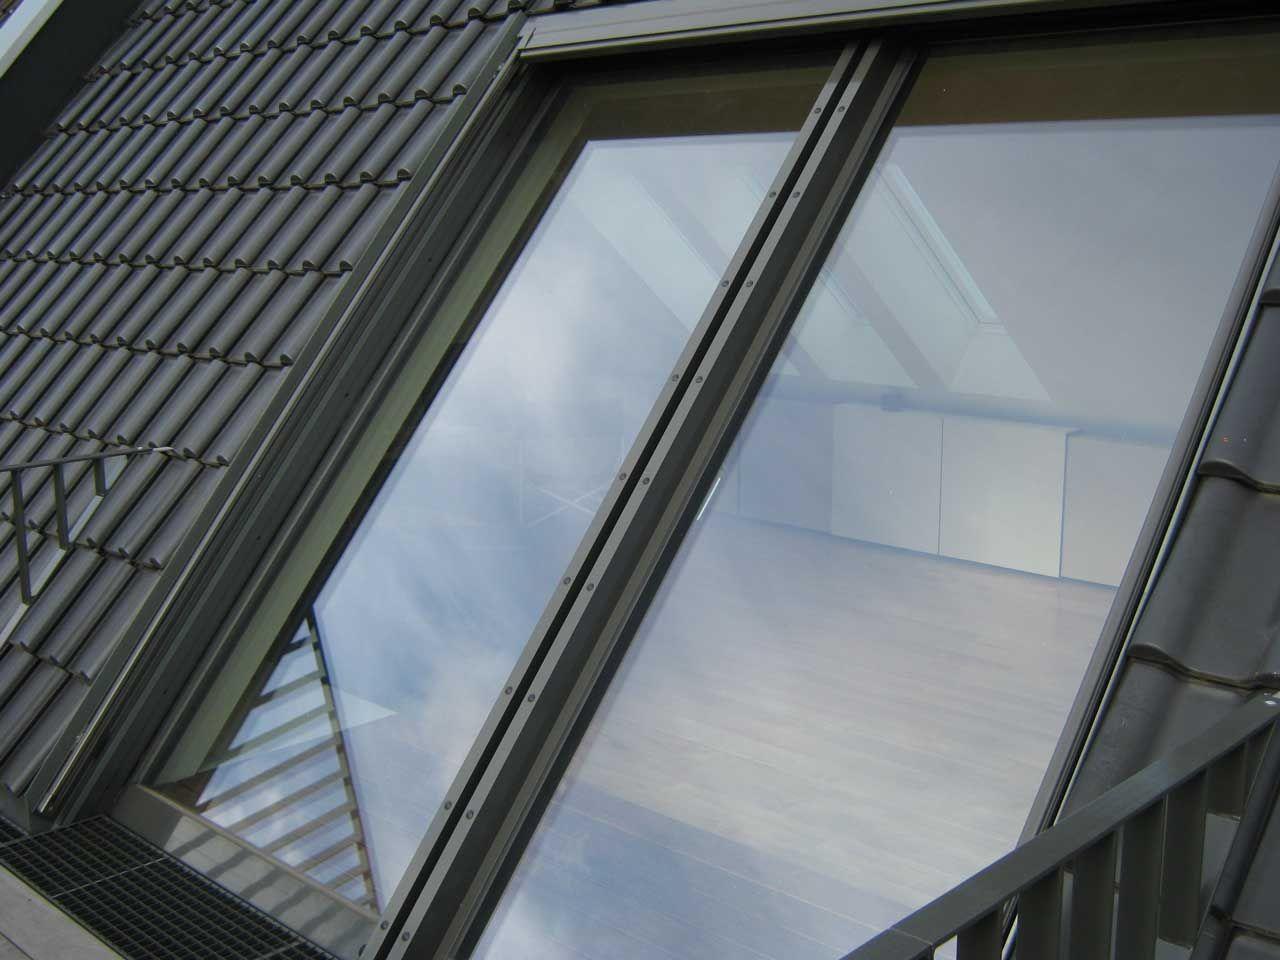 Sunshine wintergarten ~ Dachschiebefenster panorama dsf panorama  sunshine